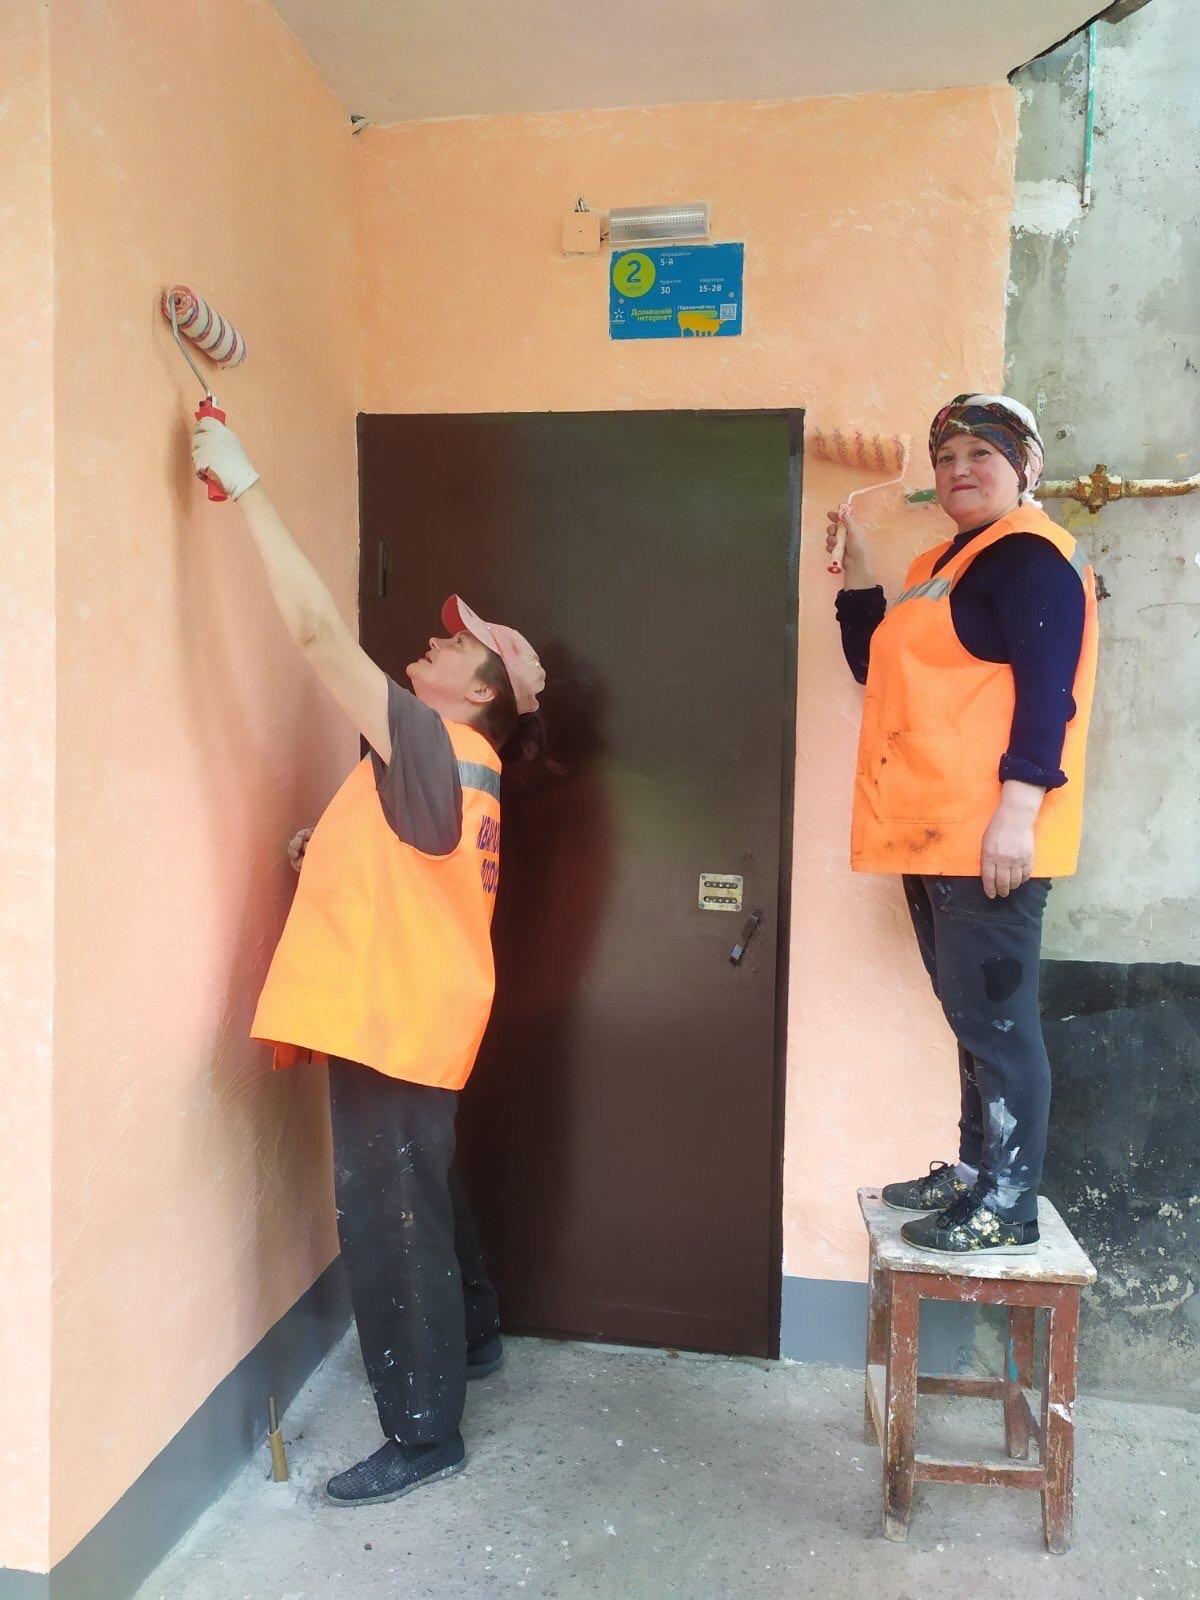 Від бухгалтерії до сантехнічних робіт:  чому варто звернутися до приватного управителя «Квартал-сервіс Лозова 2», фото-22